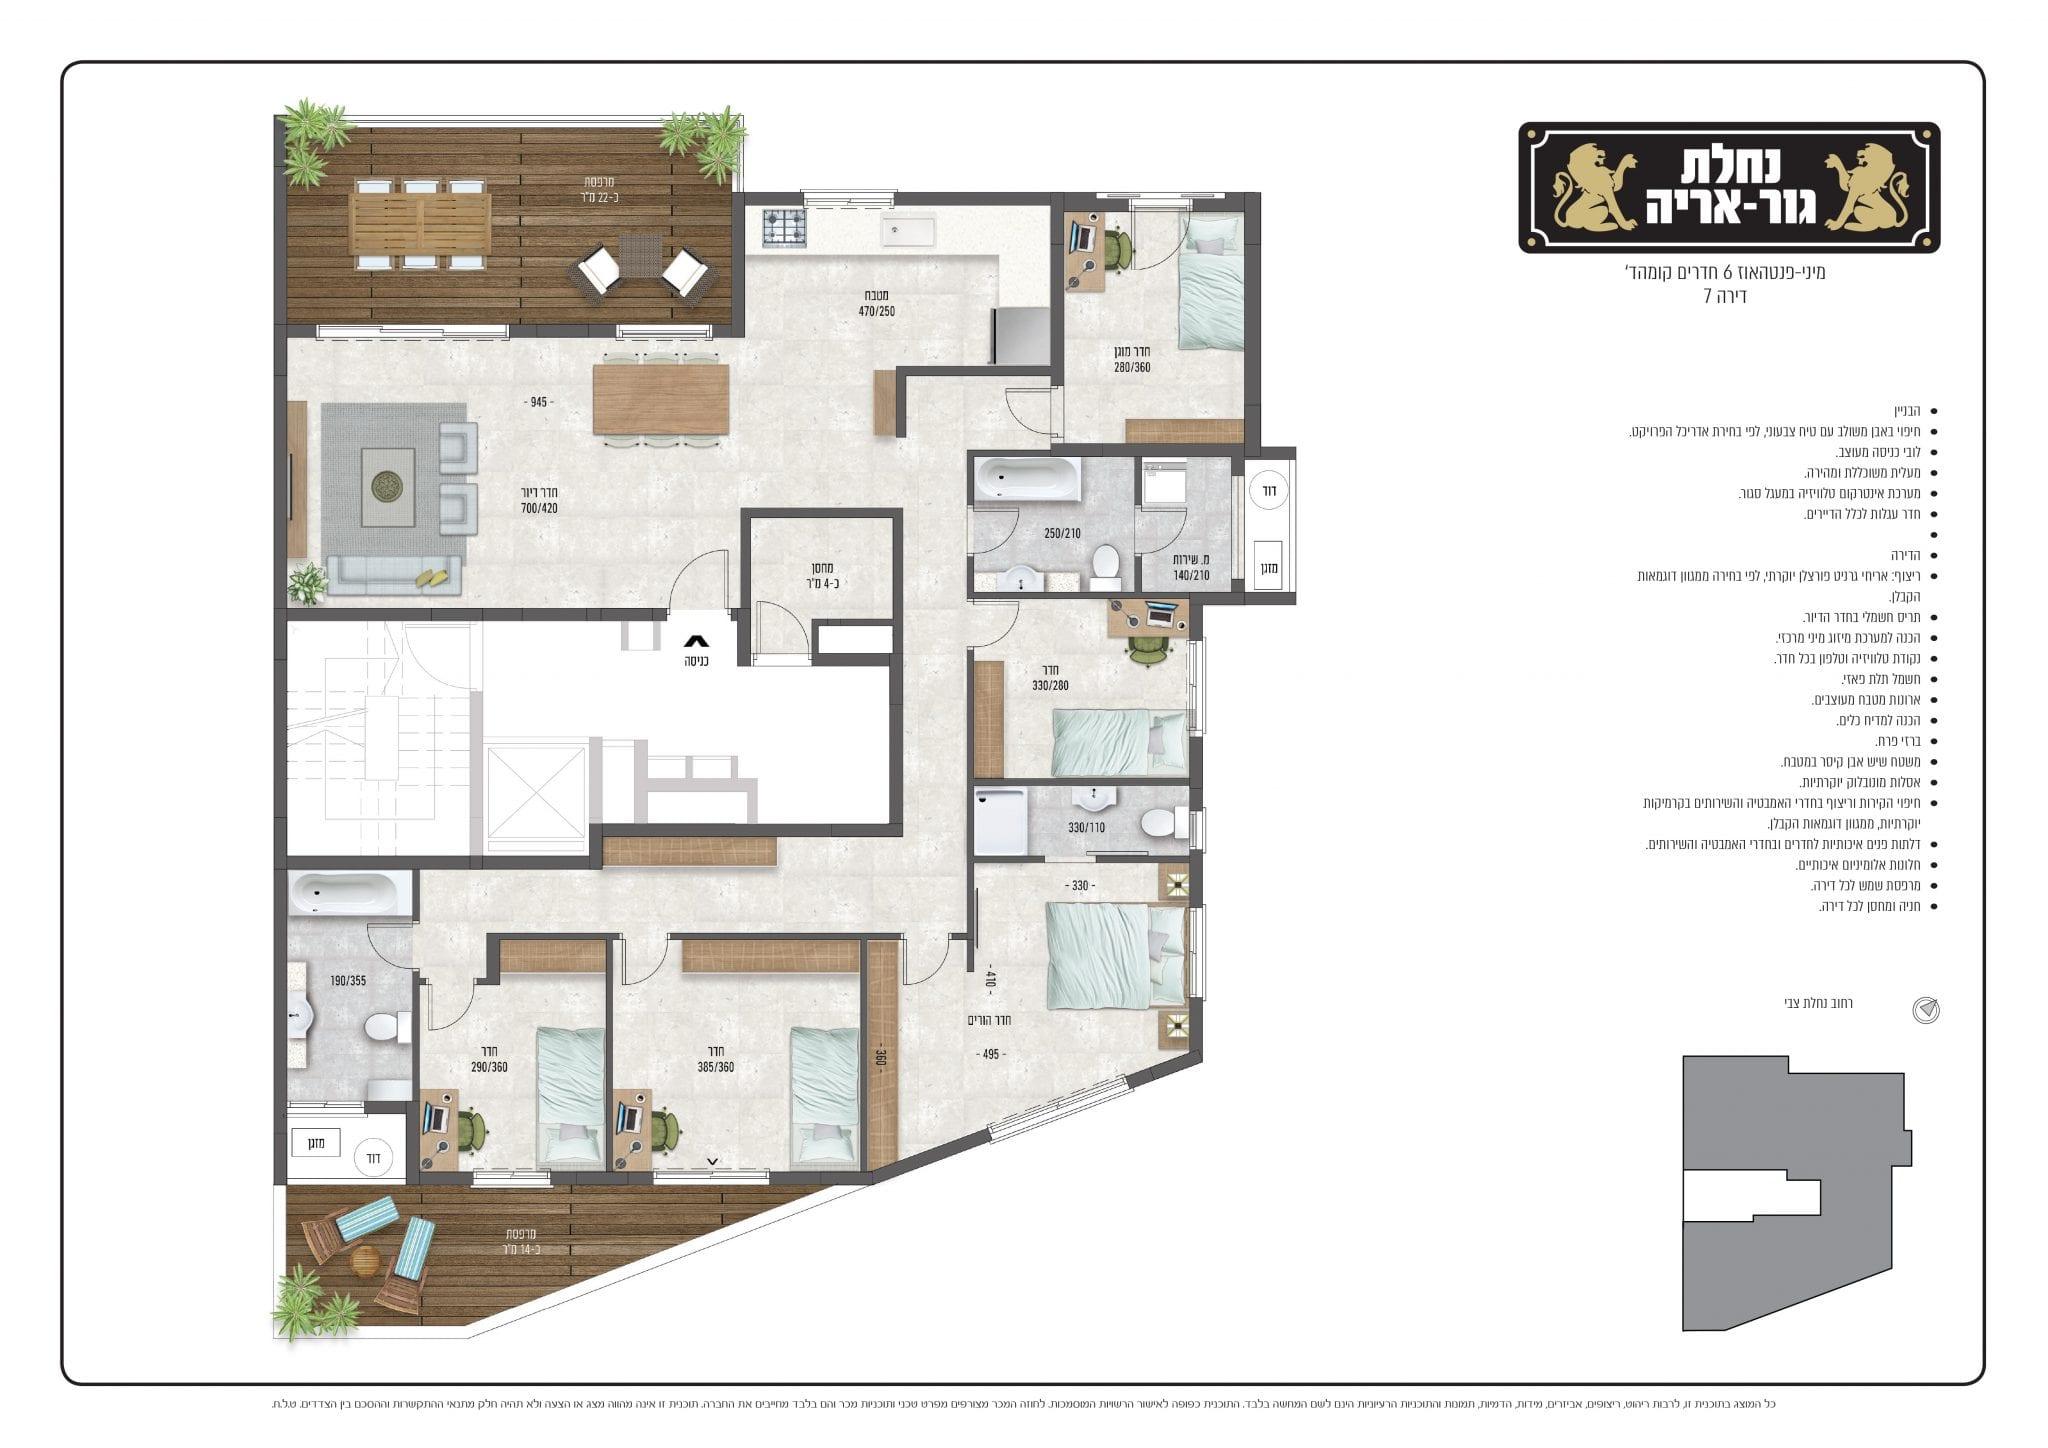 מיני-פנטהאוז 6 חדרים, קומה 4 - מספר 7